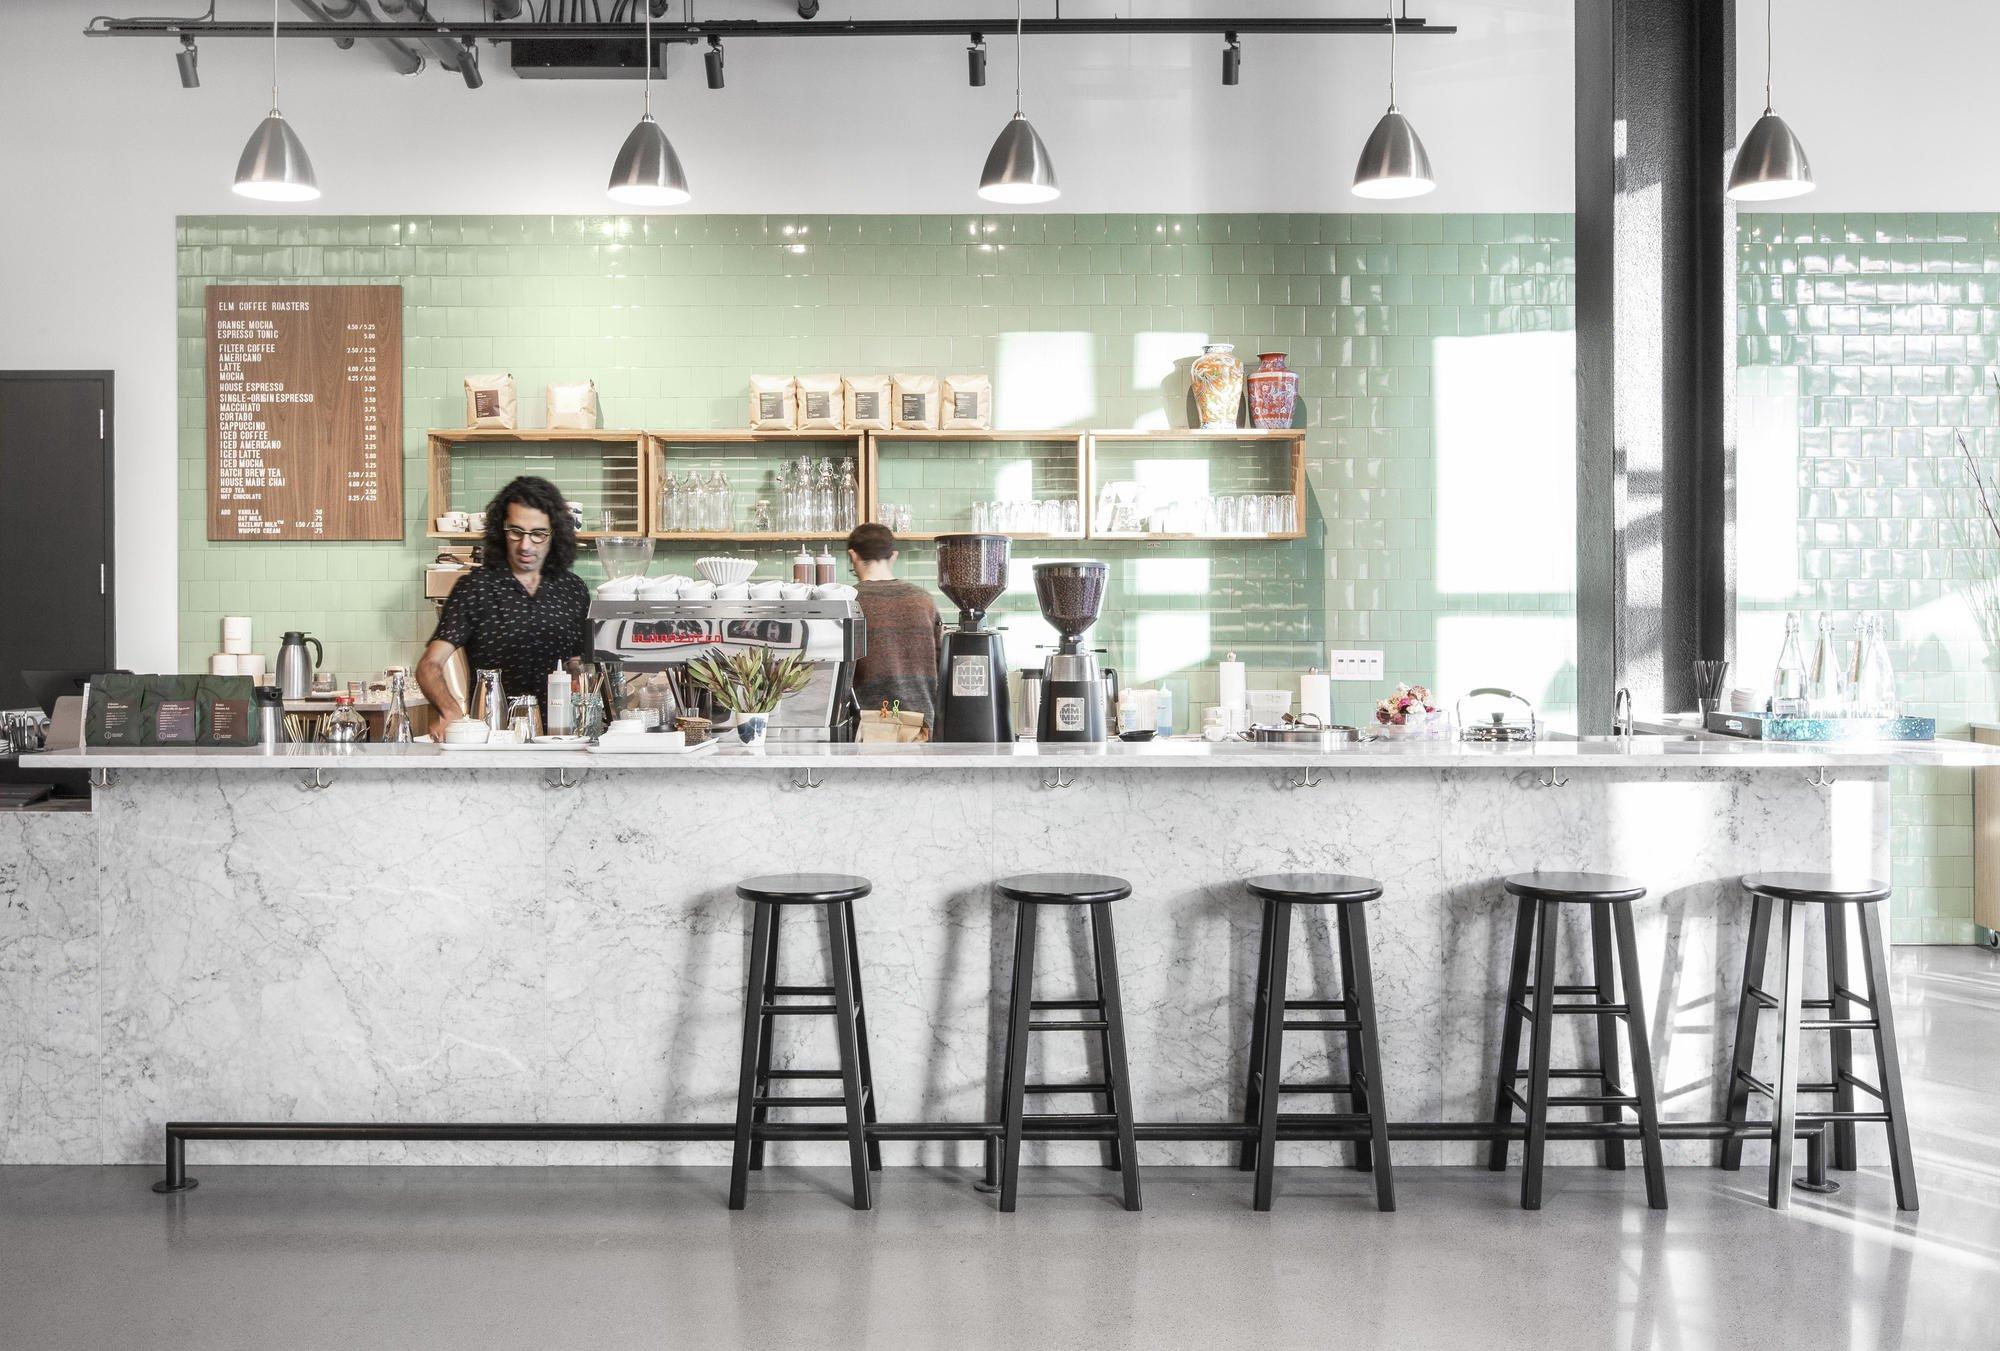 Elm Coffee Roasters by Olson Kundig coffee shop design